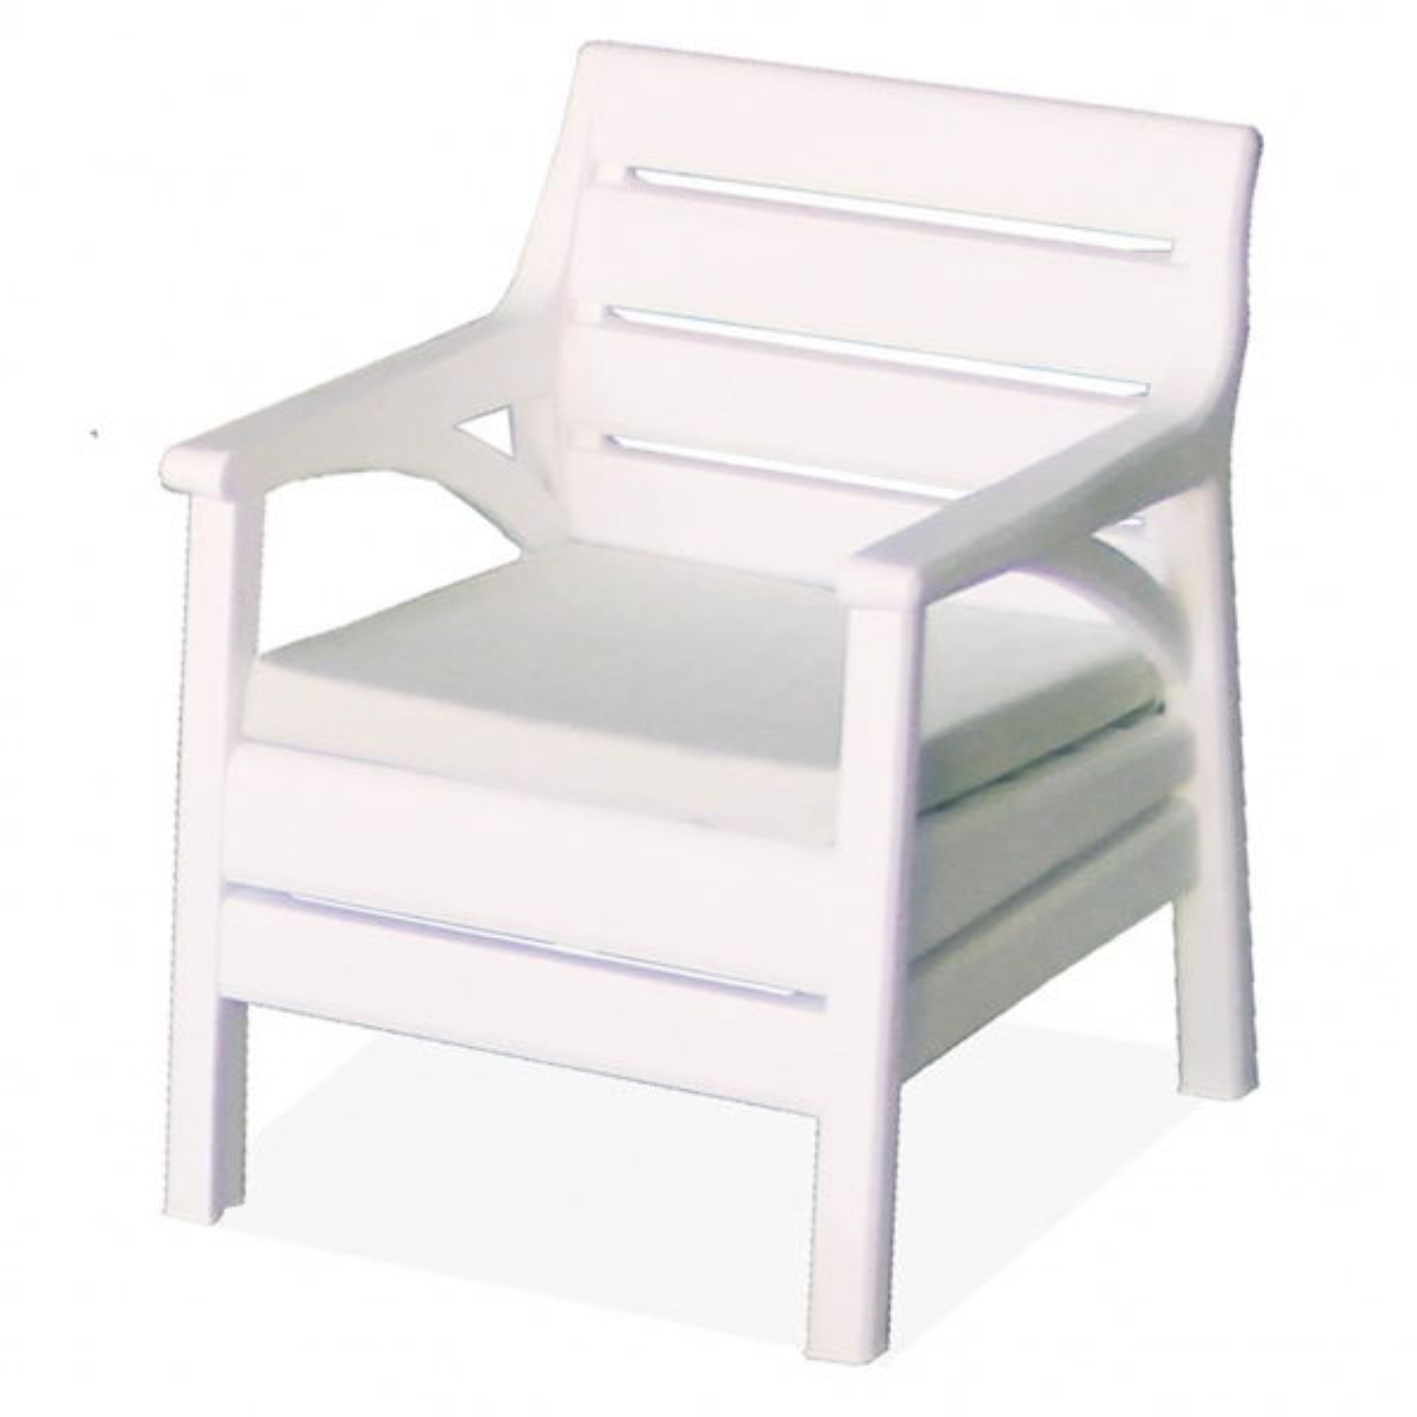 Holiday Miami Bahçe Mobilyası Oturma Grubu Balkon Koltuk Takımı Beyaz